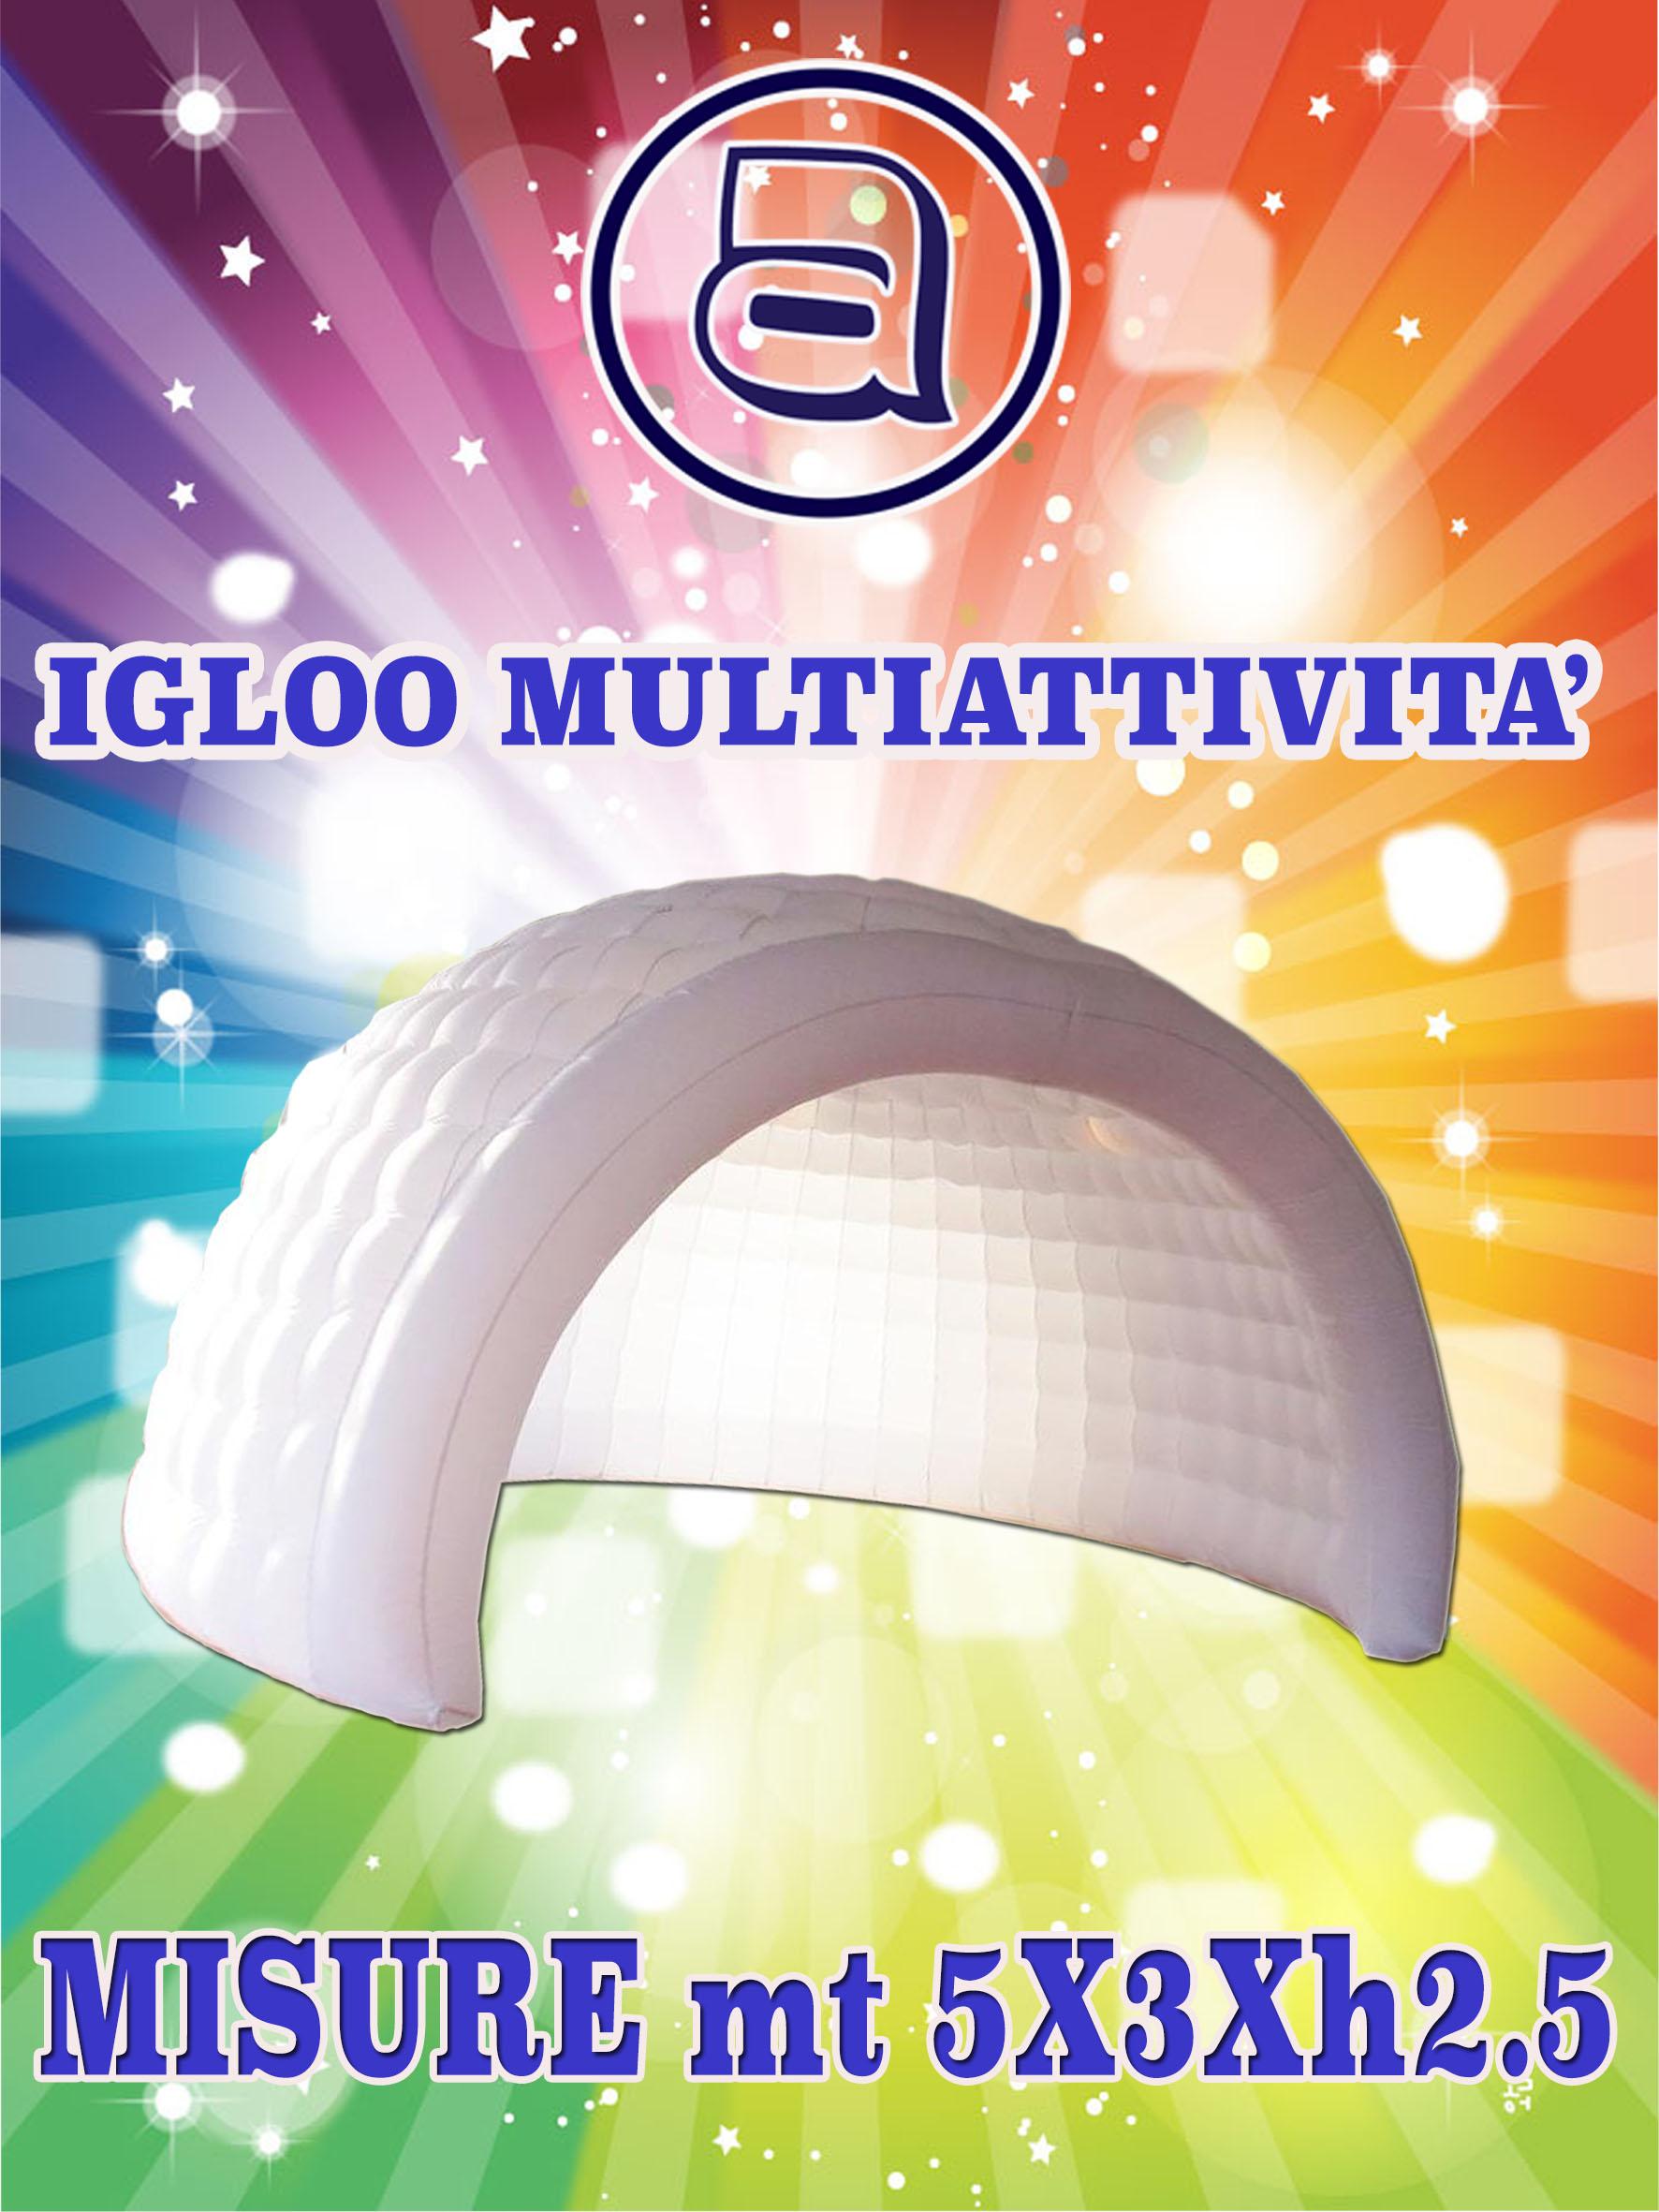 igloo-mult